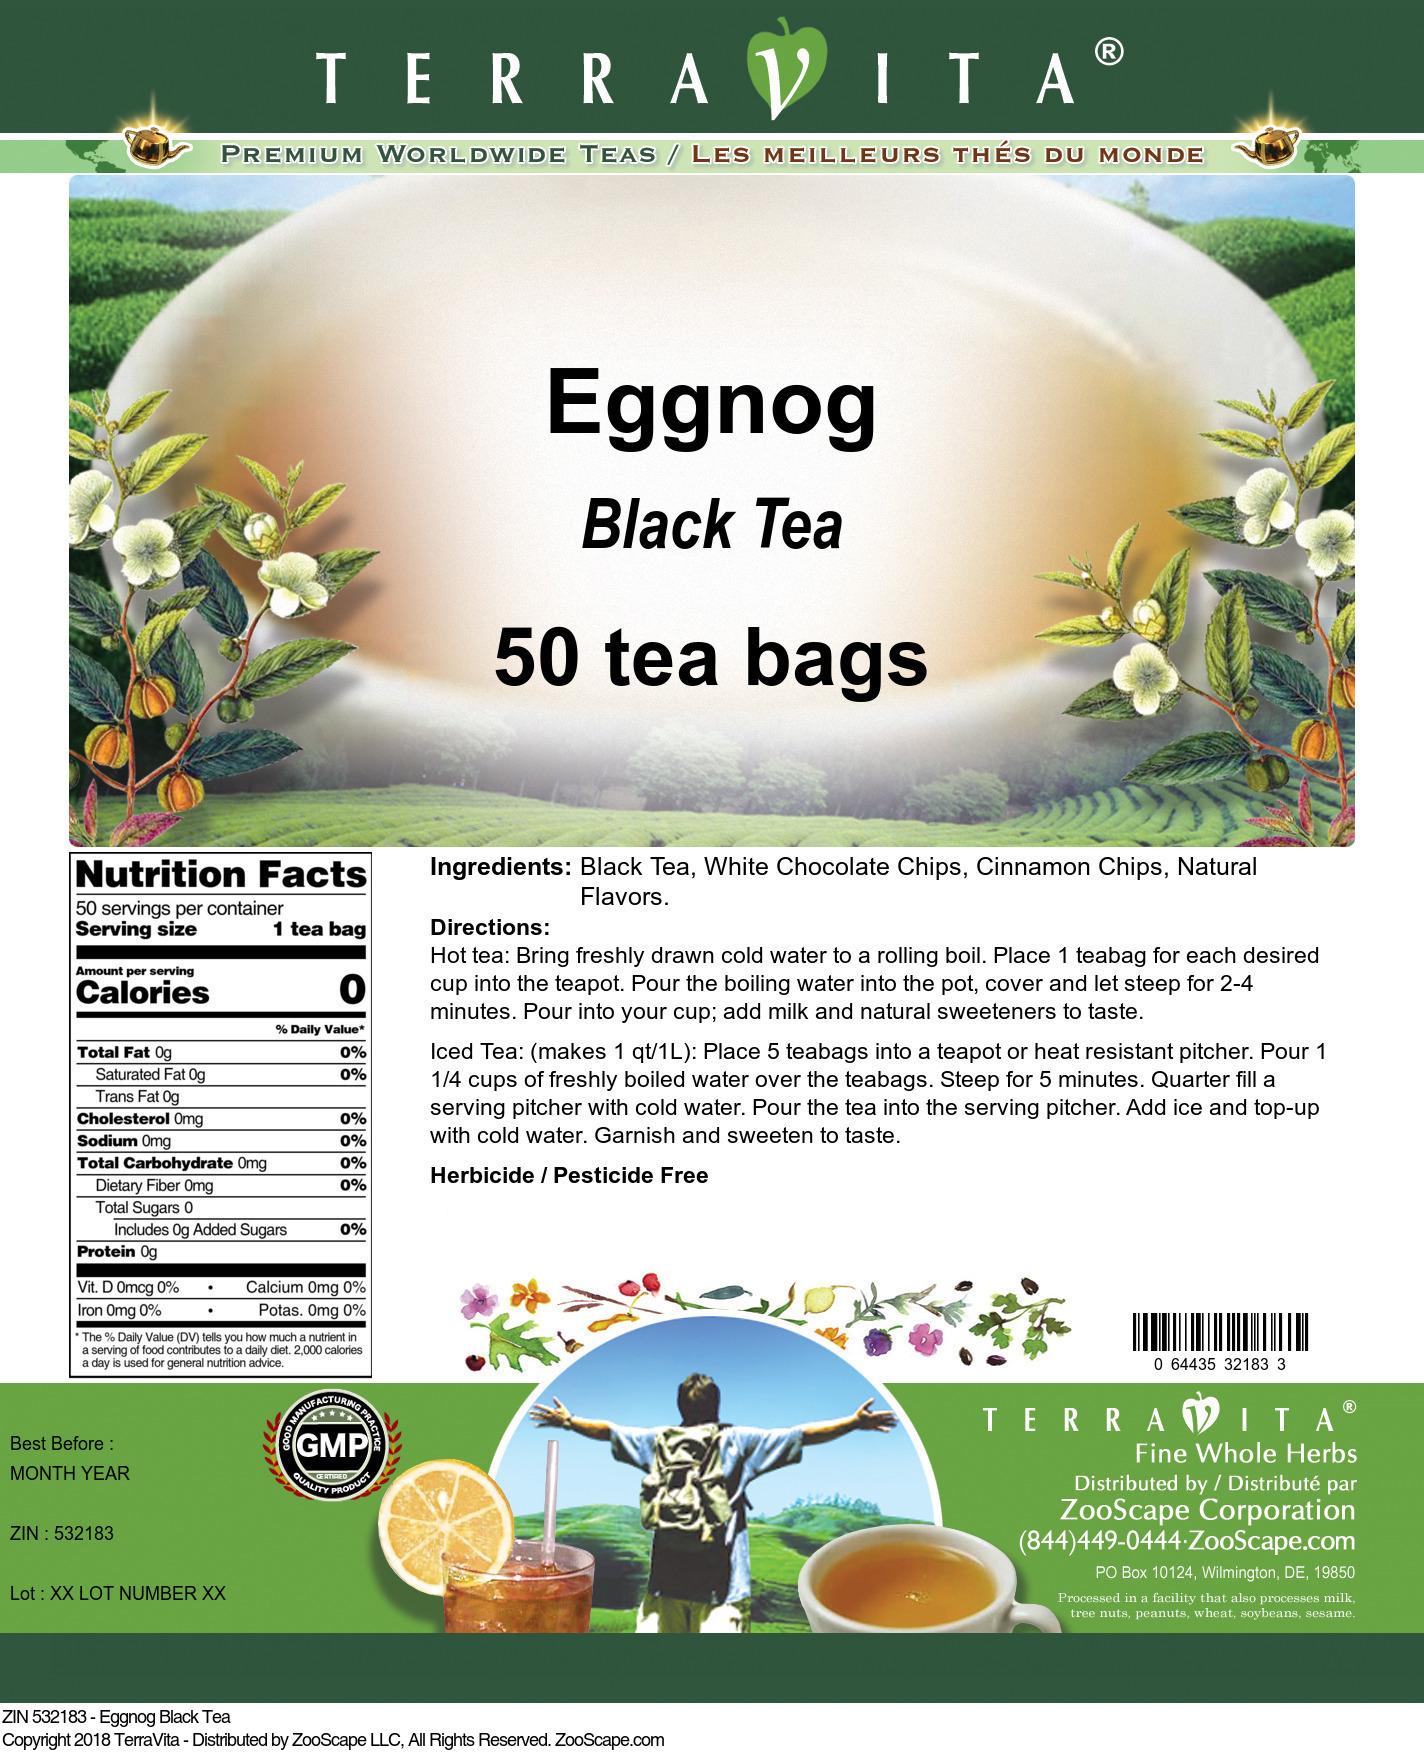 Eggnog Black Tea